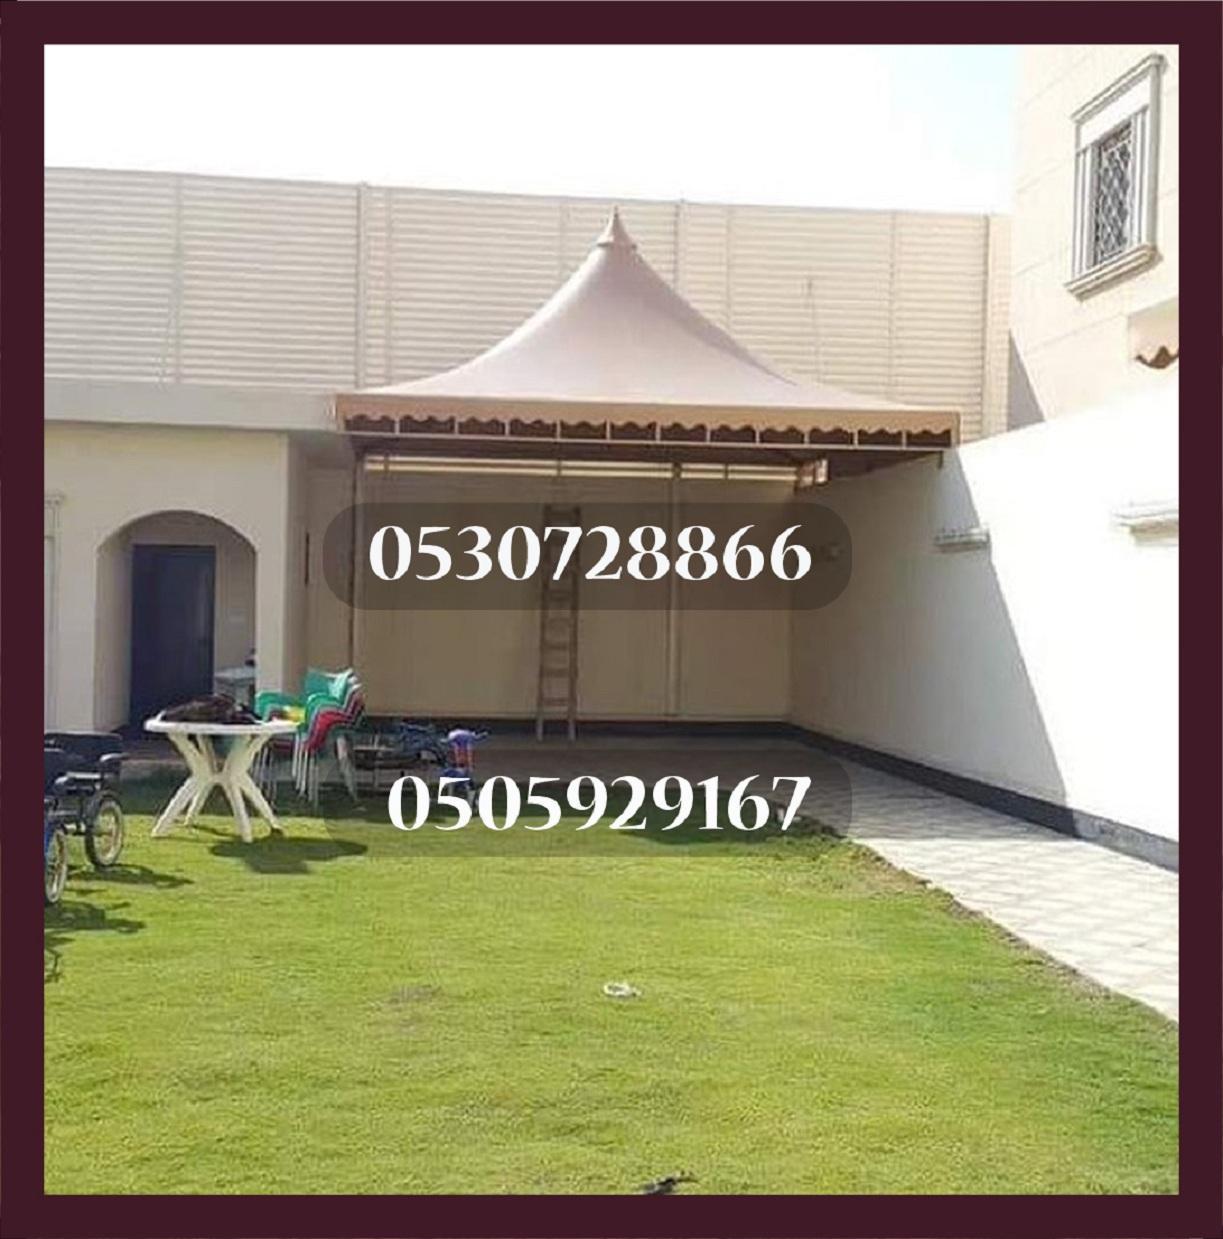 مدارس,سواتر السيارات,مظلات 861391856.jpg